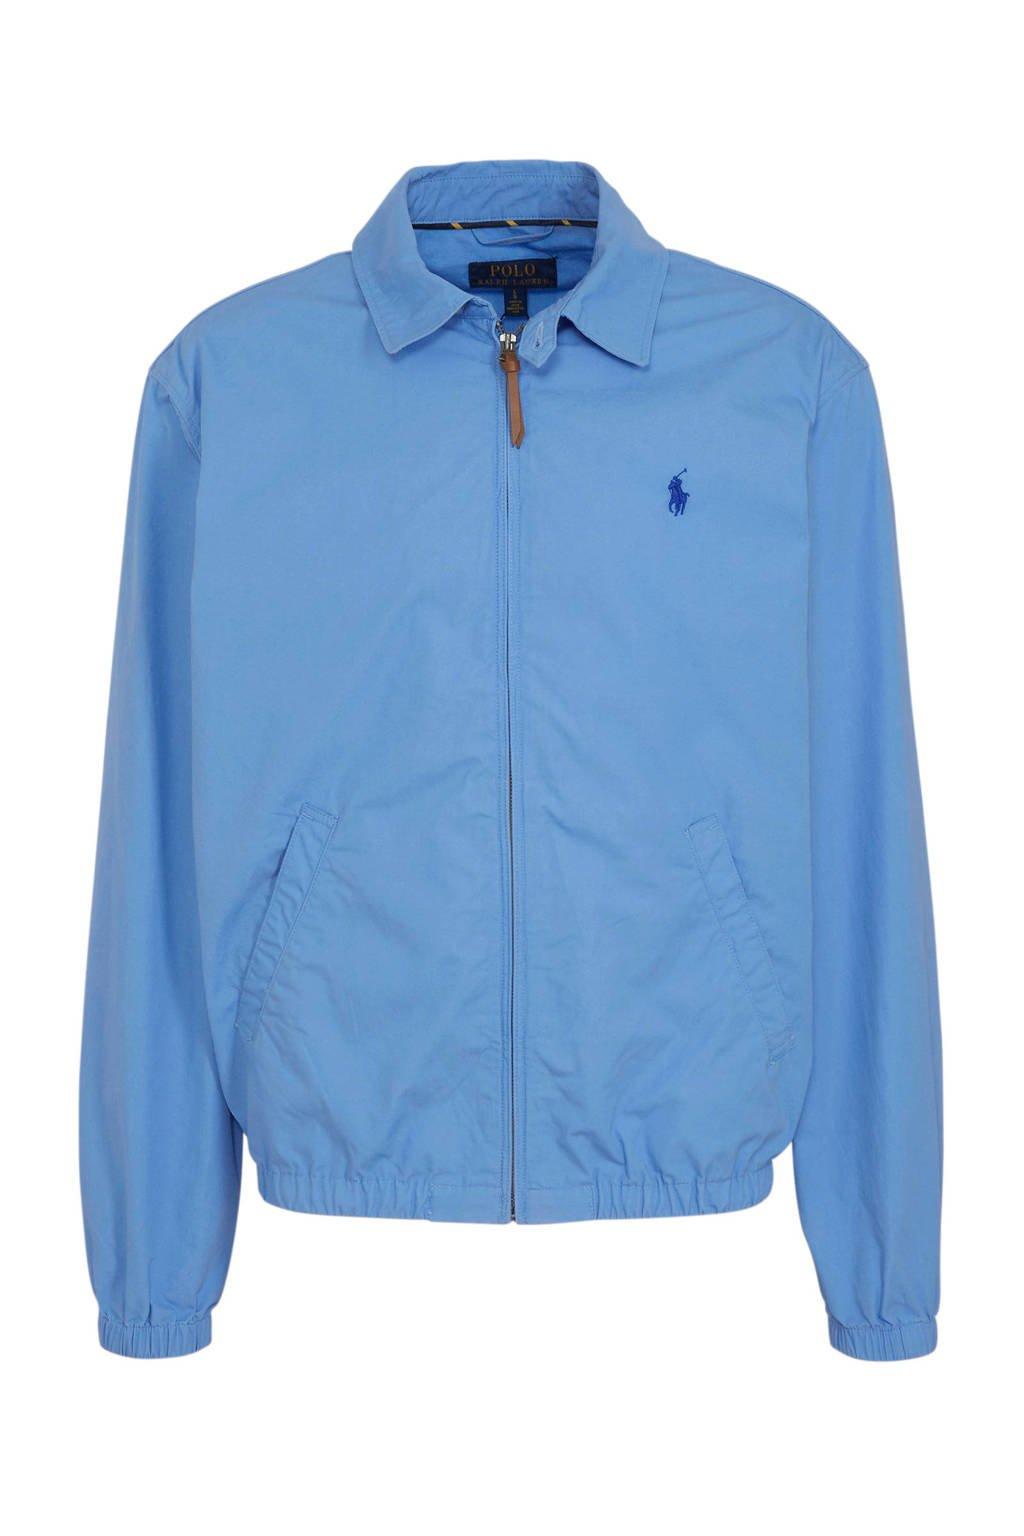 POLO Ralph Lauren zomerjas lichtblauw, Lichtblauw